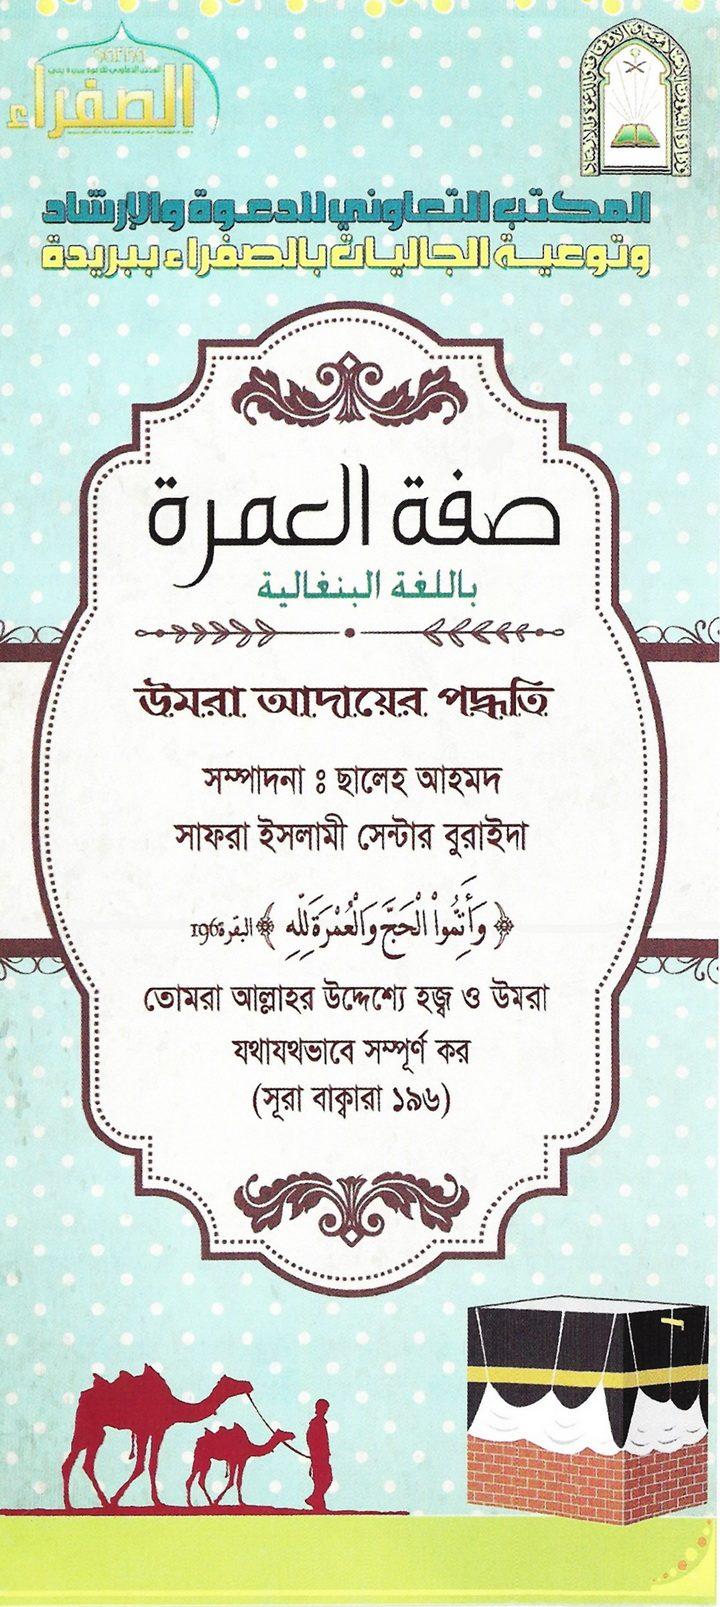 صفة العمرة باللغة البنغالية (المكتب التعاوني للدعوة ببريدة)